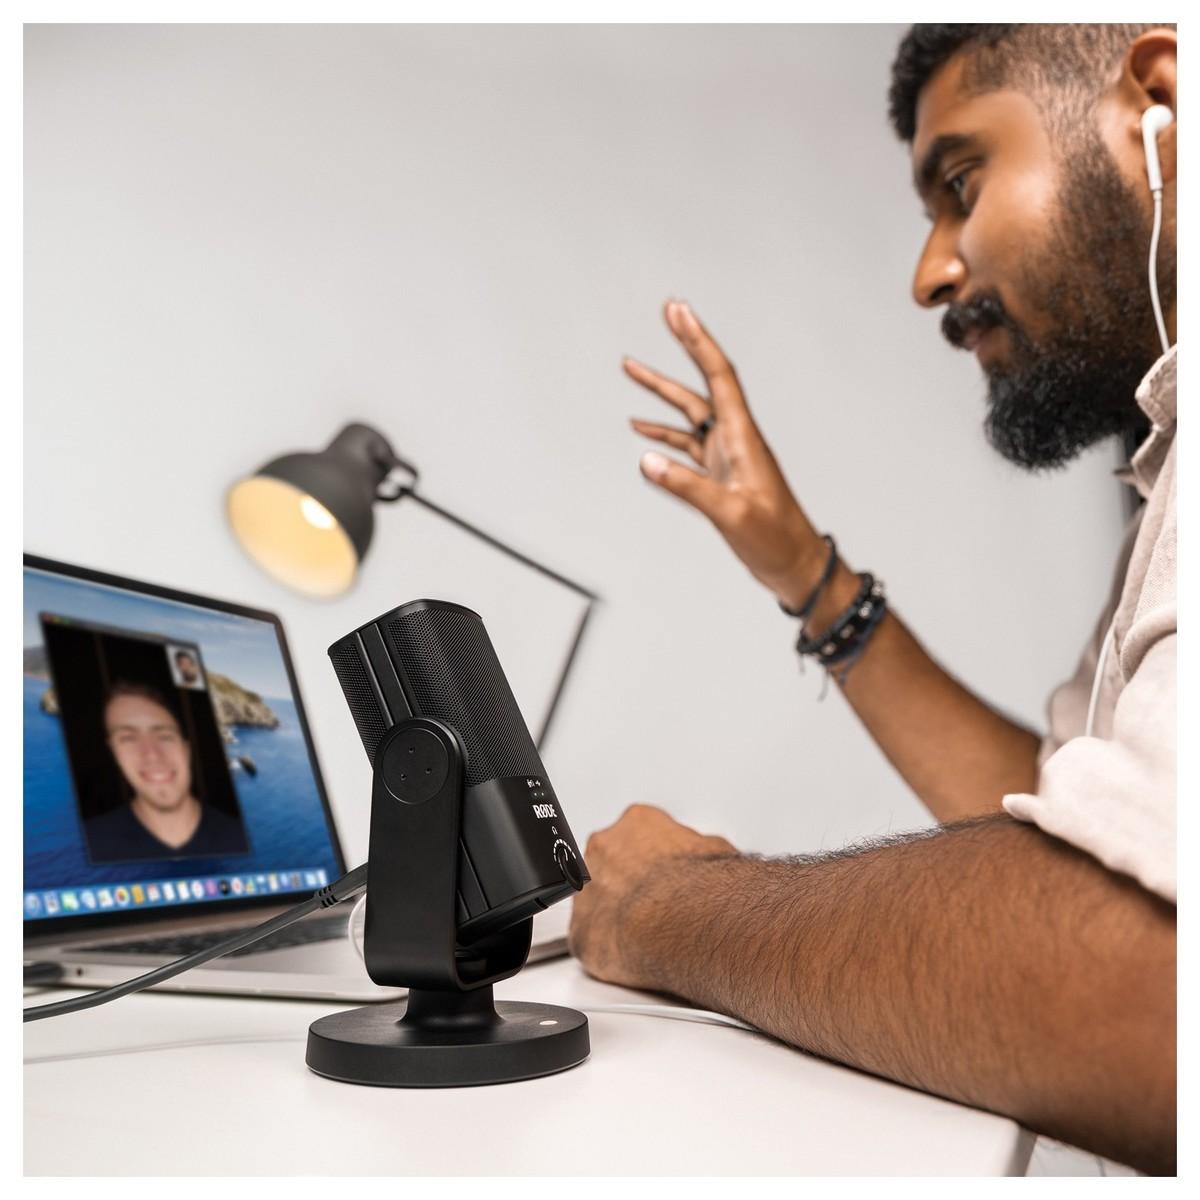 Micro Livestream Cho Game Thủ, Giáo Viên Giảng Dạy, Bài Đọc Youtube Rode NT-USB Mini - Hàng Chính Hãng